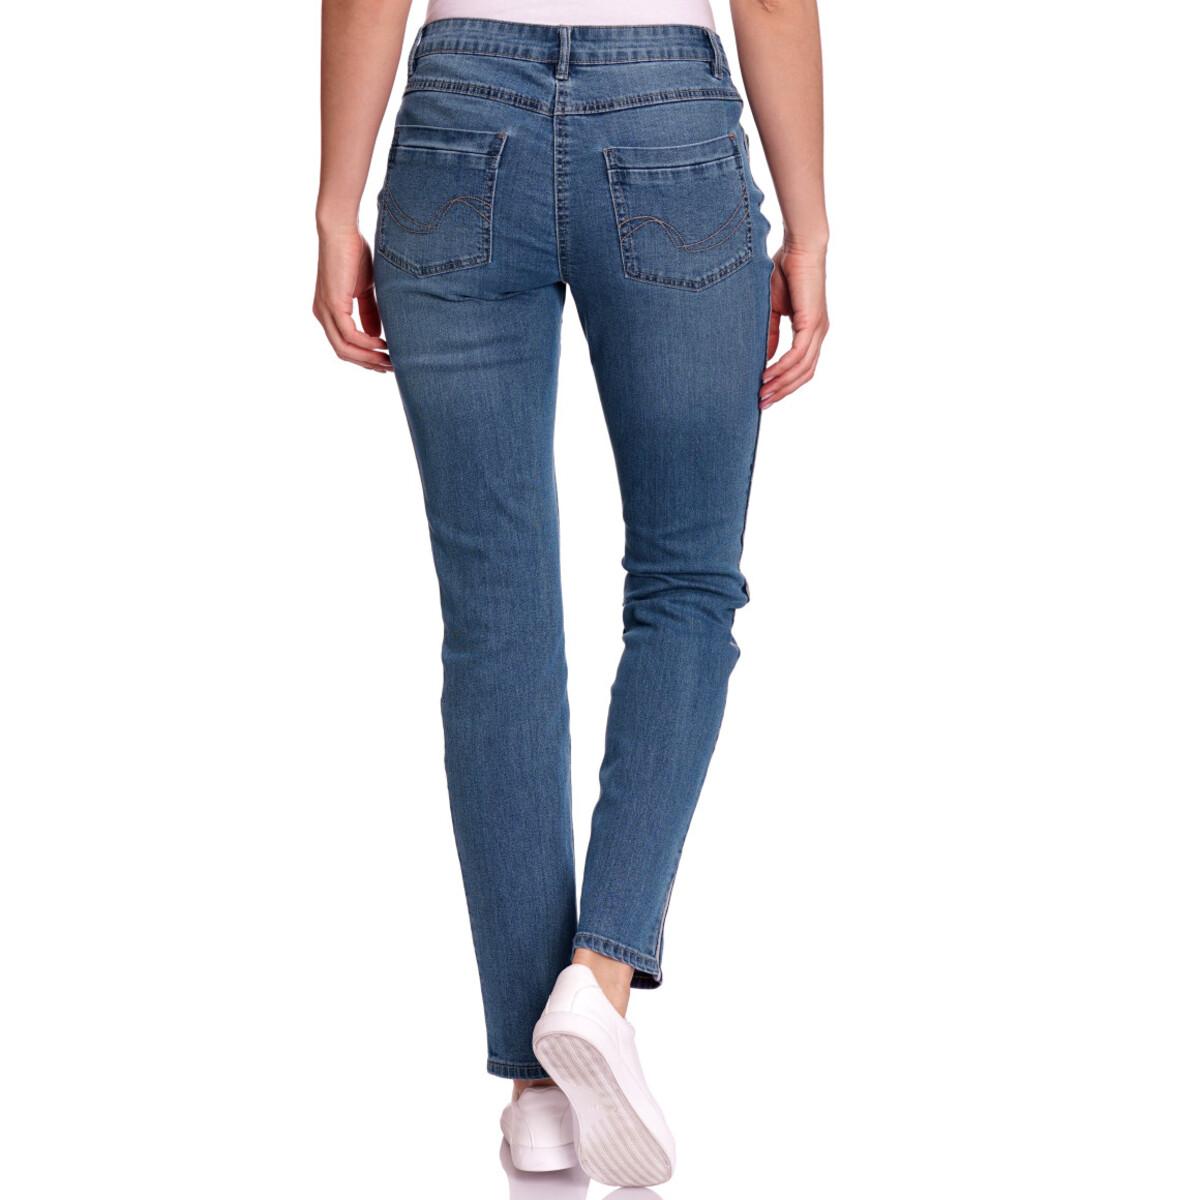 Bild 3 von Damen Slim-Jeans mit Knopfleiste